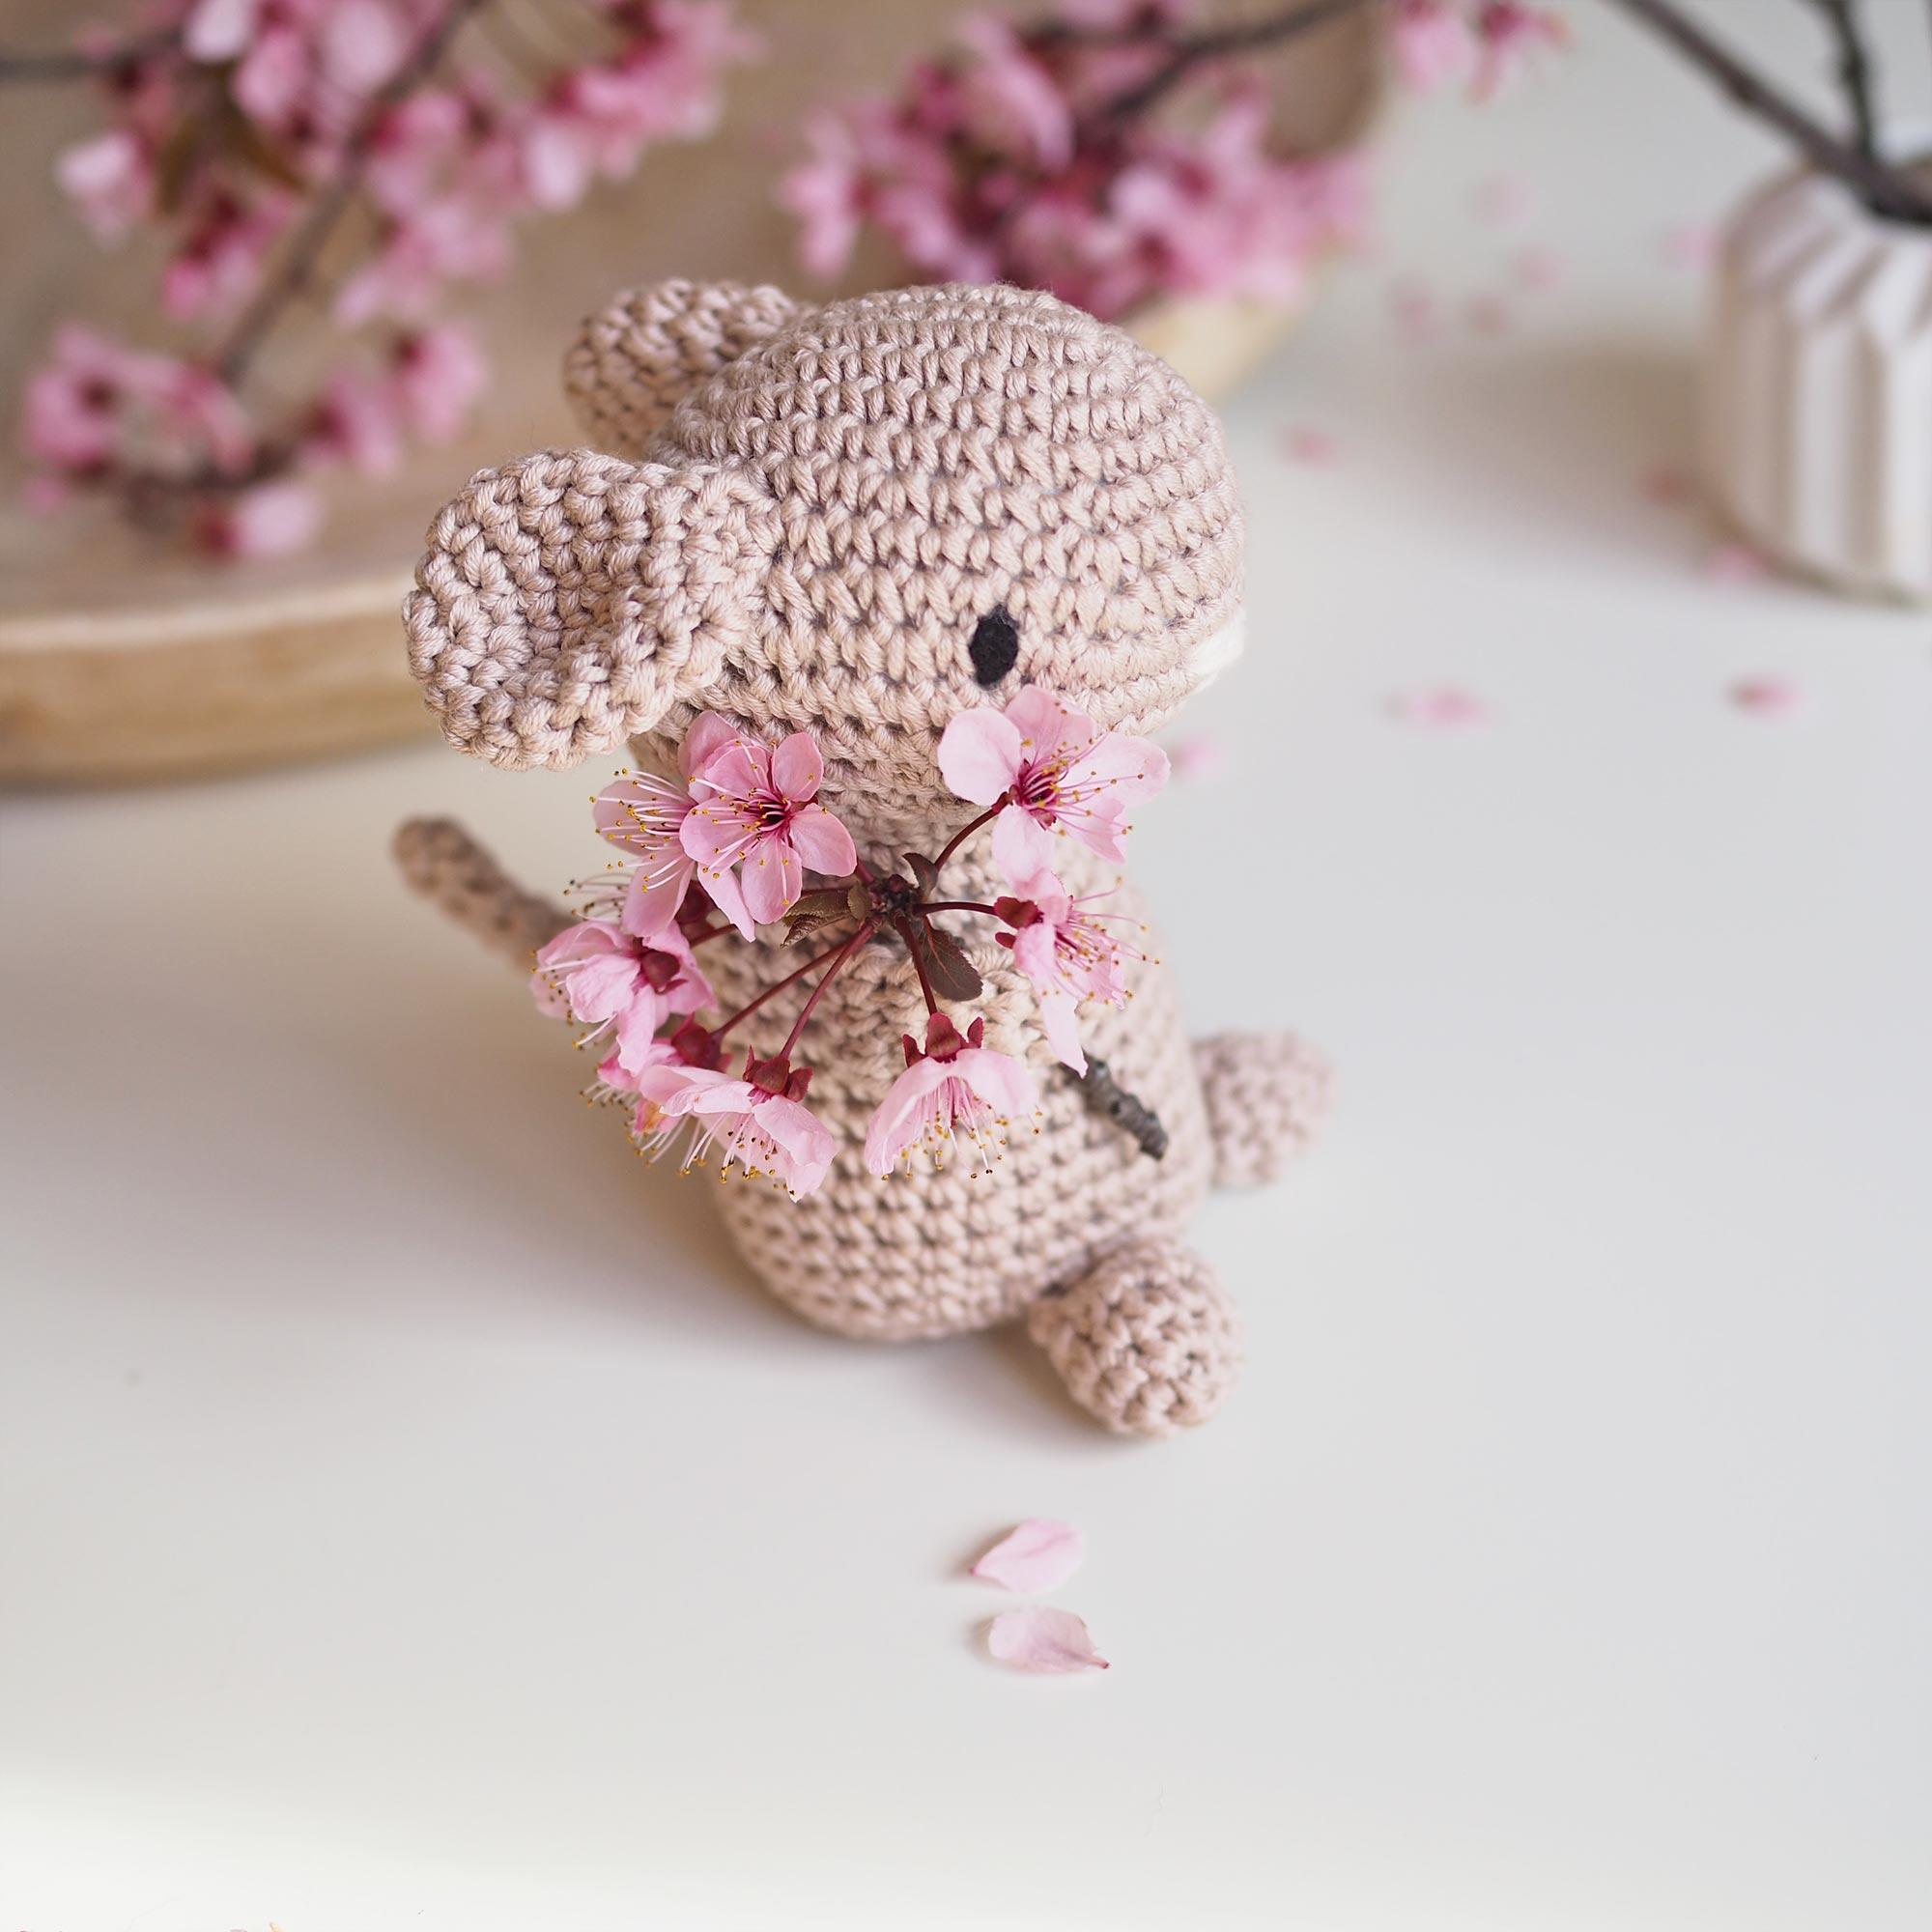 crochet rat mouse profil tuto Pasapasdechat Boutique MeliMelo